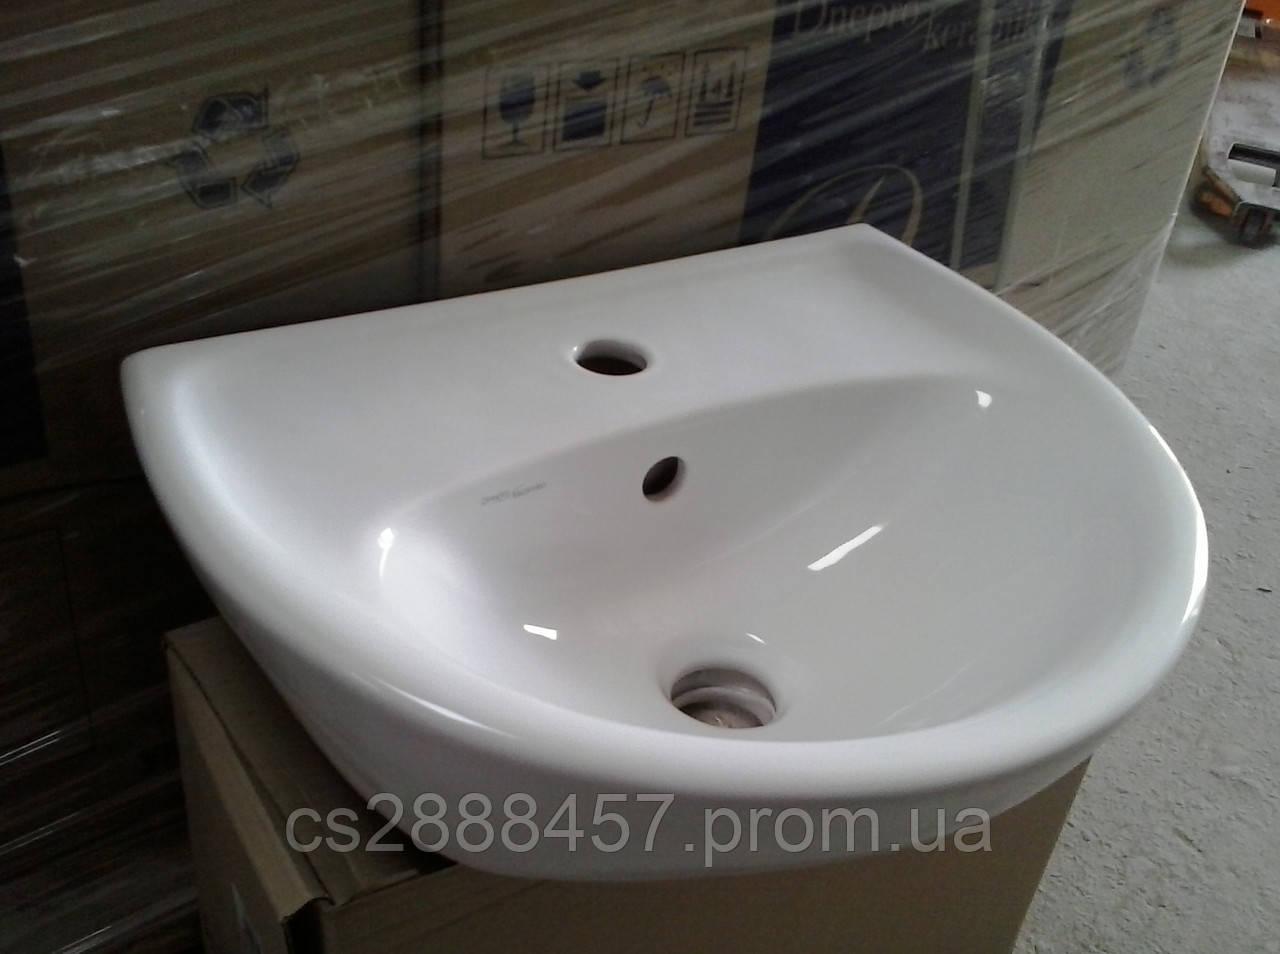 Умывальник для ванной комнаты Аква 45 Сорт 3